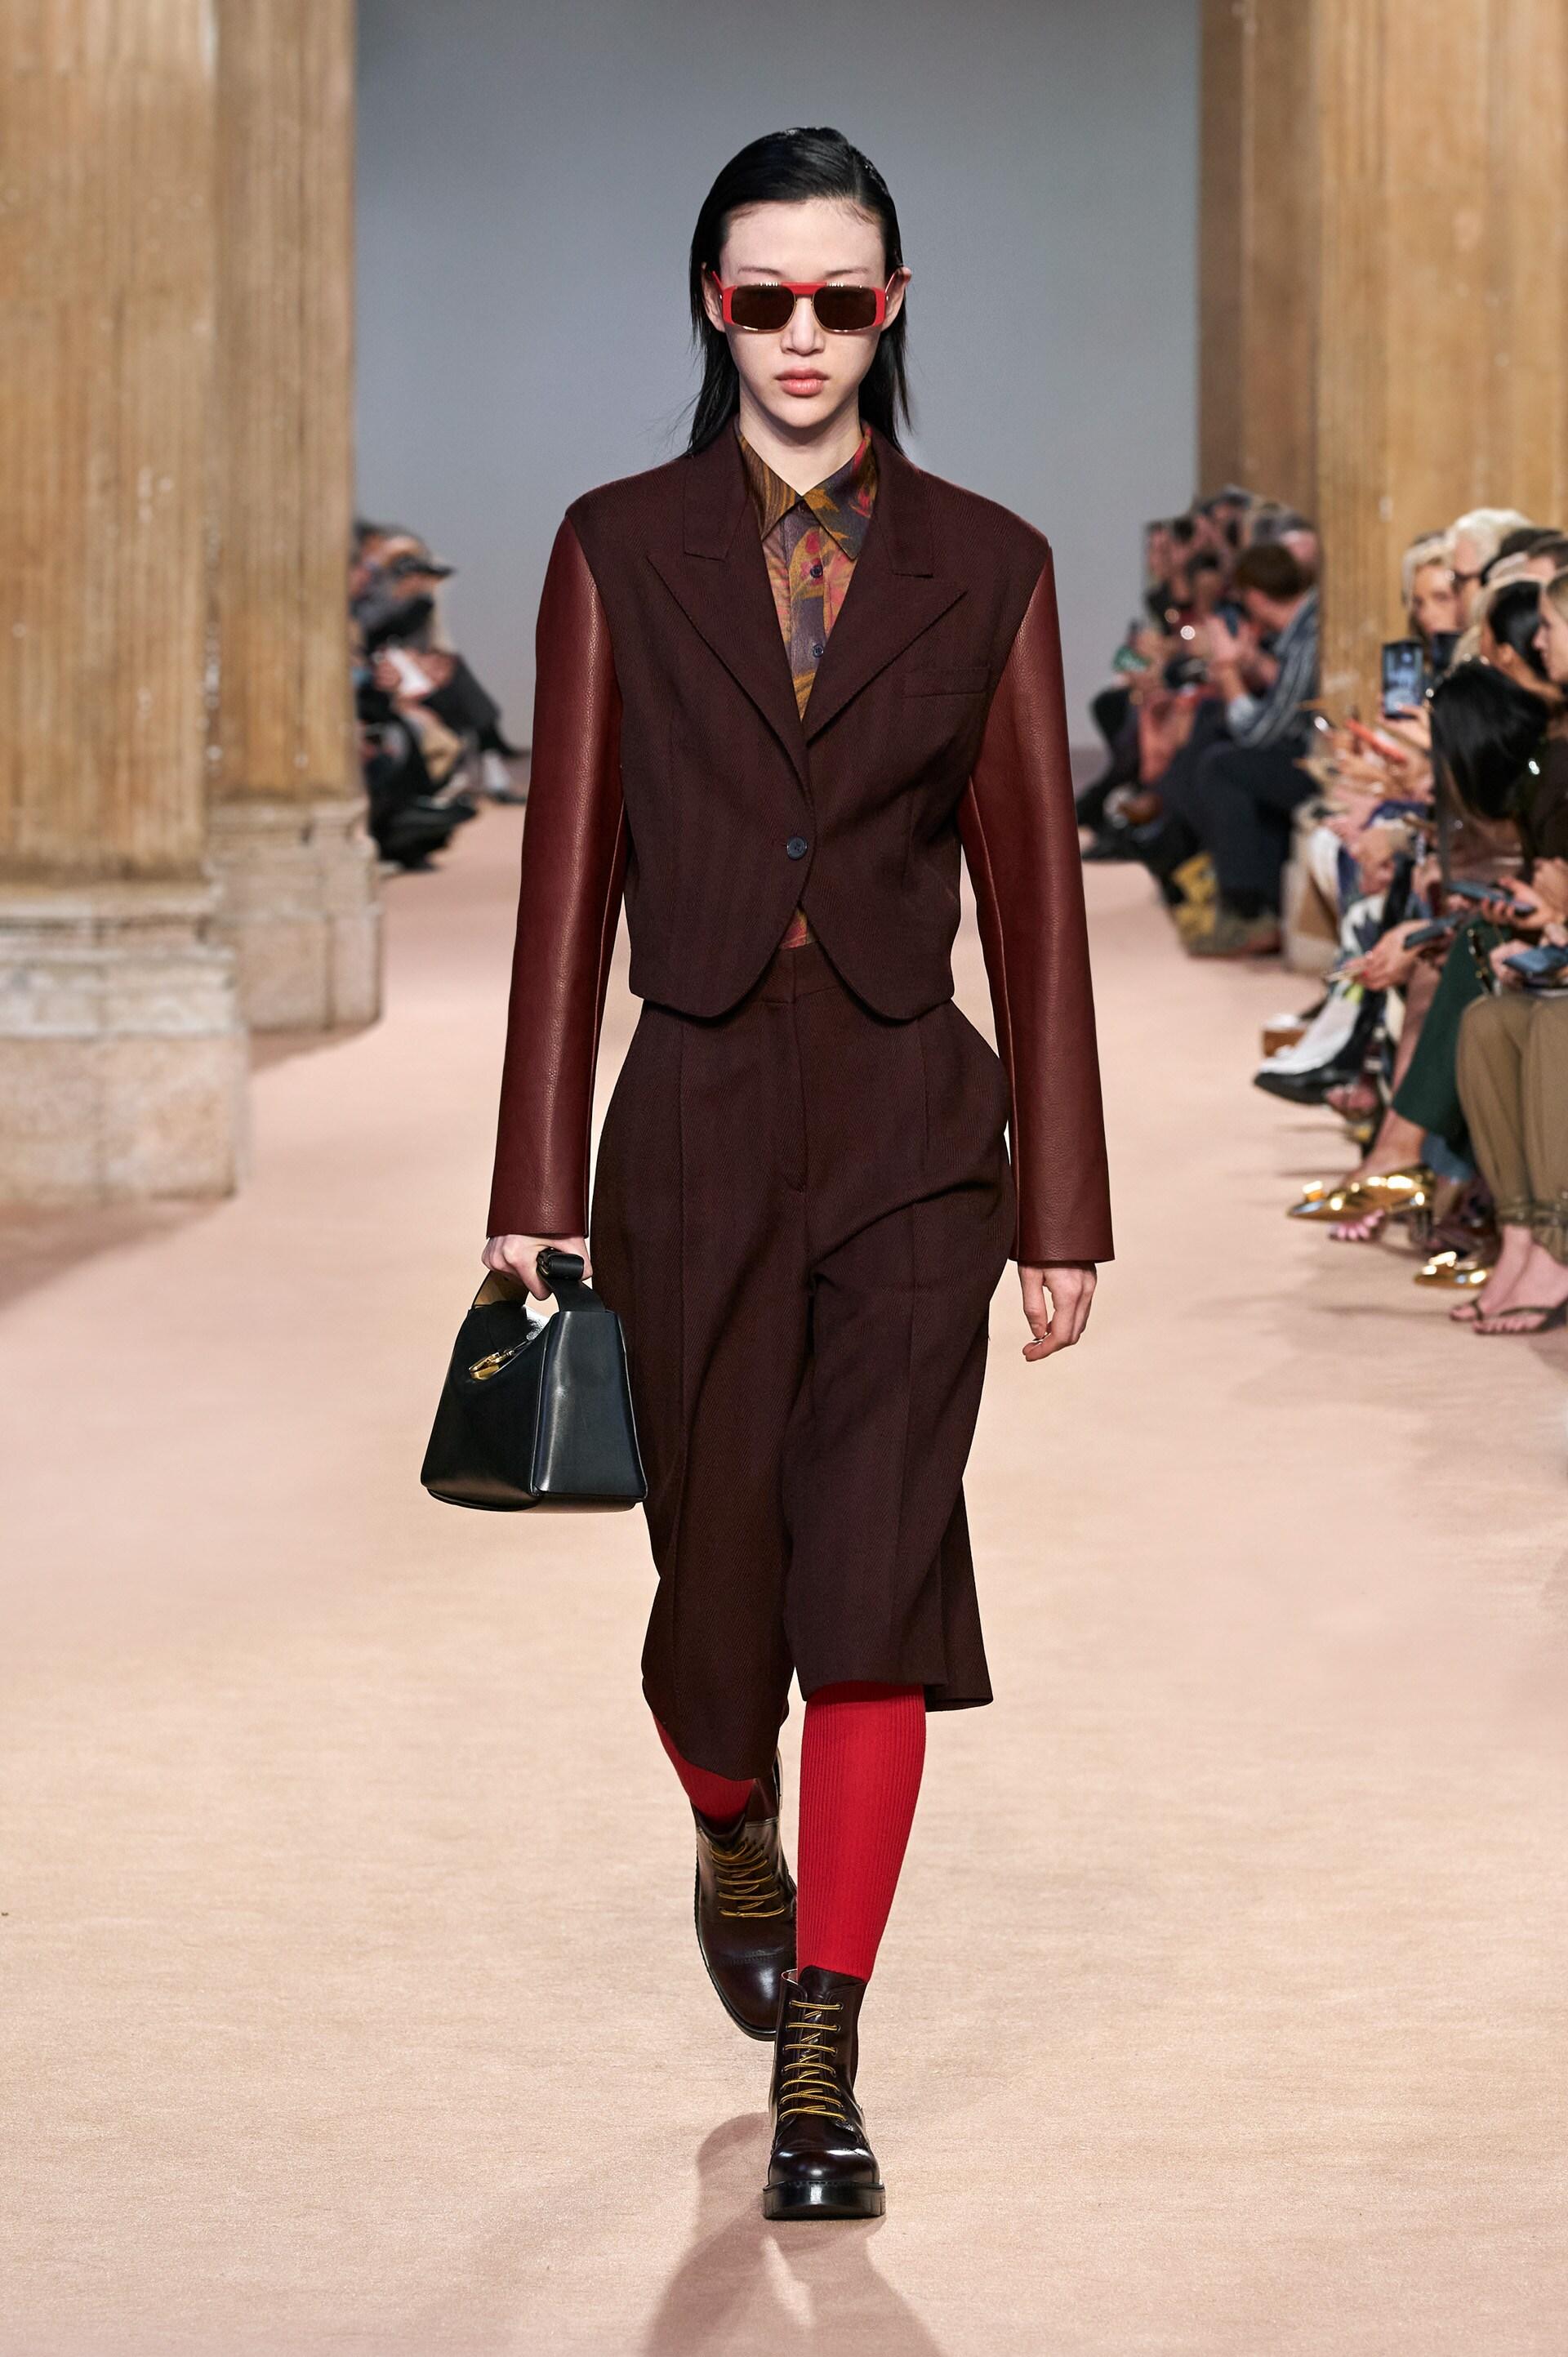 sora choi salvatore ferragamo thu đông 2020 người mẫu thời trang